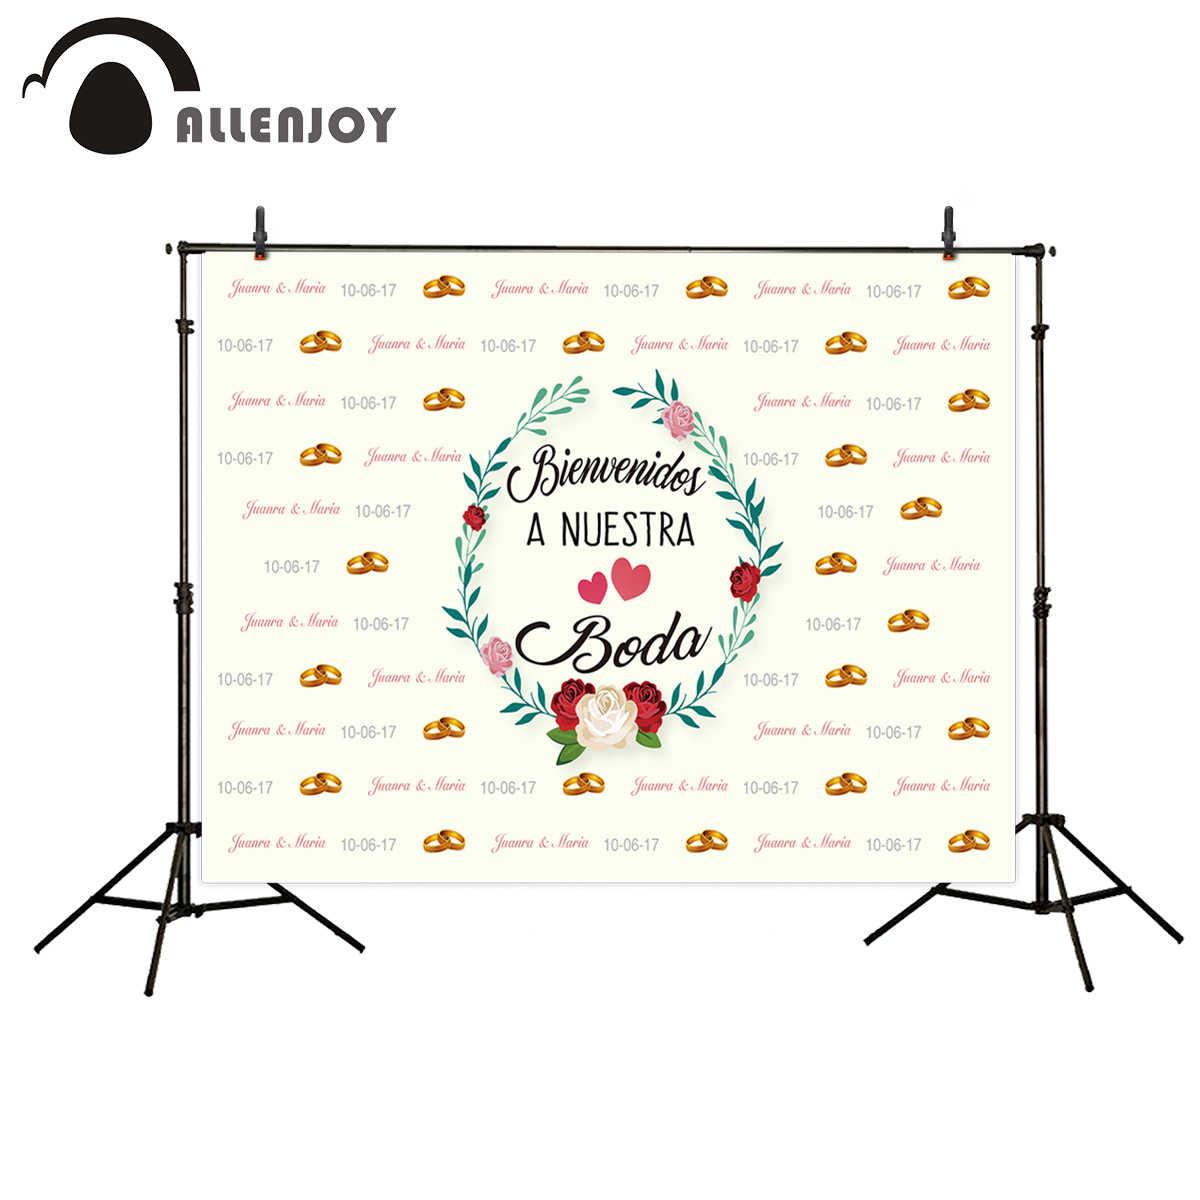 Allenjoy фотокамера свадебный фон-кольца Цветы пользовательское имя и дата фоны для фотостудии